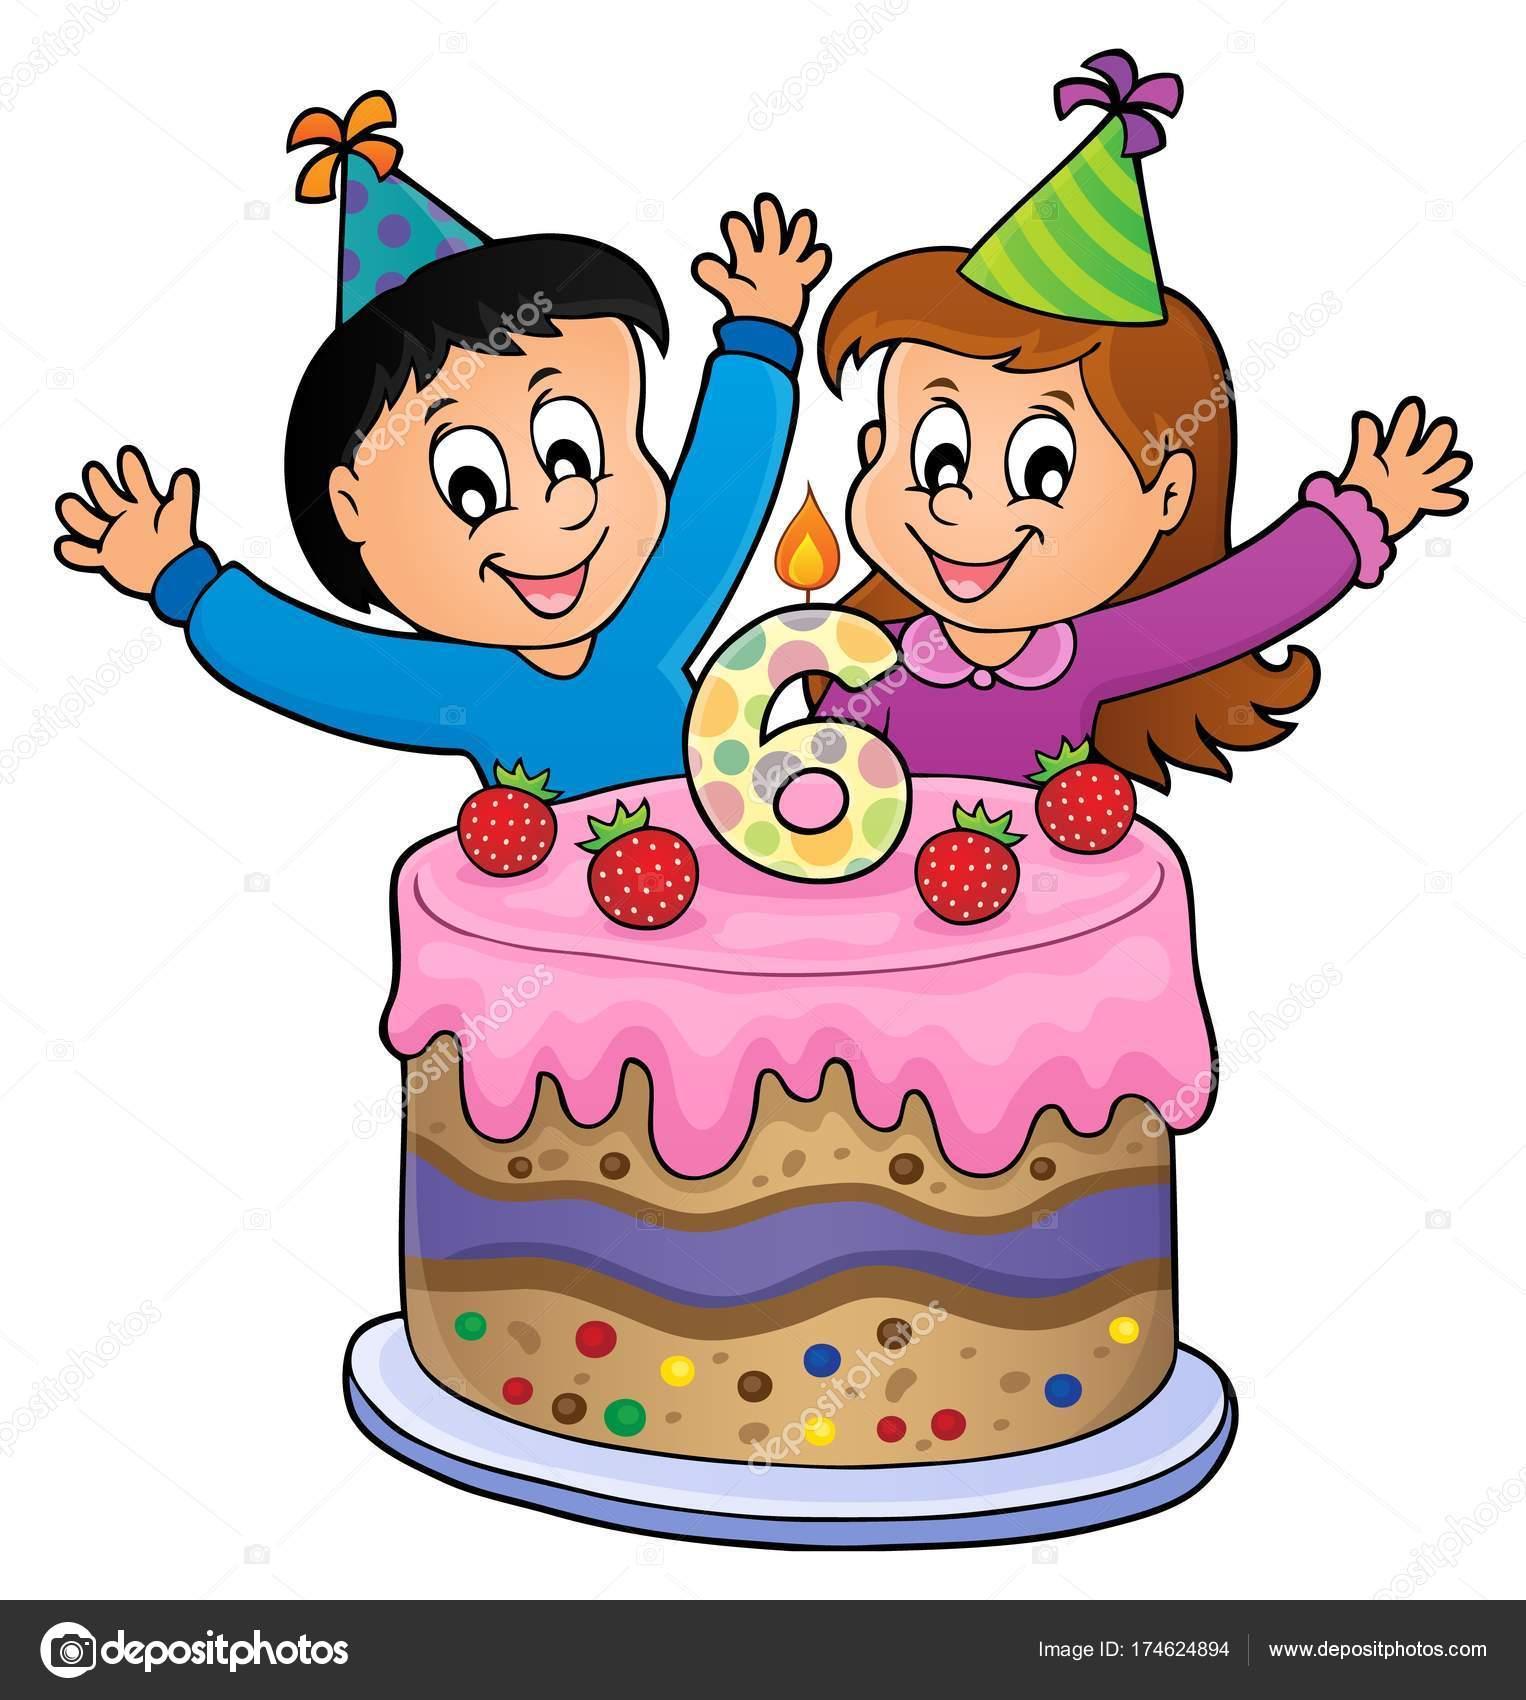 happy birthday bild für 6 jahre alt  vektorgrafik